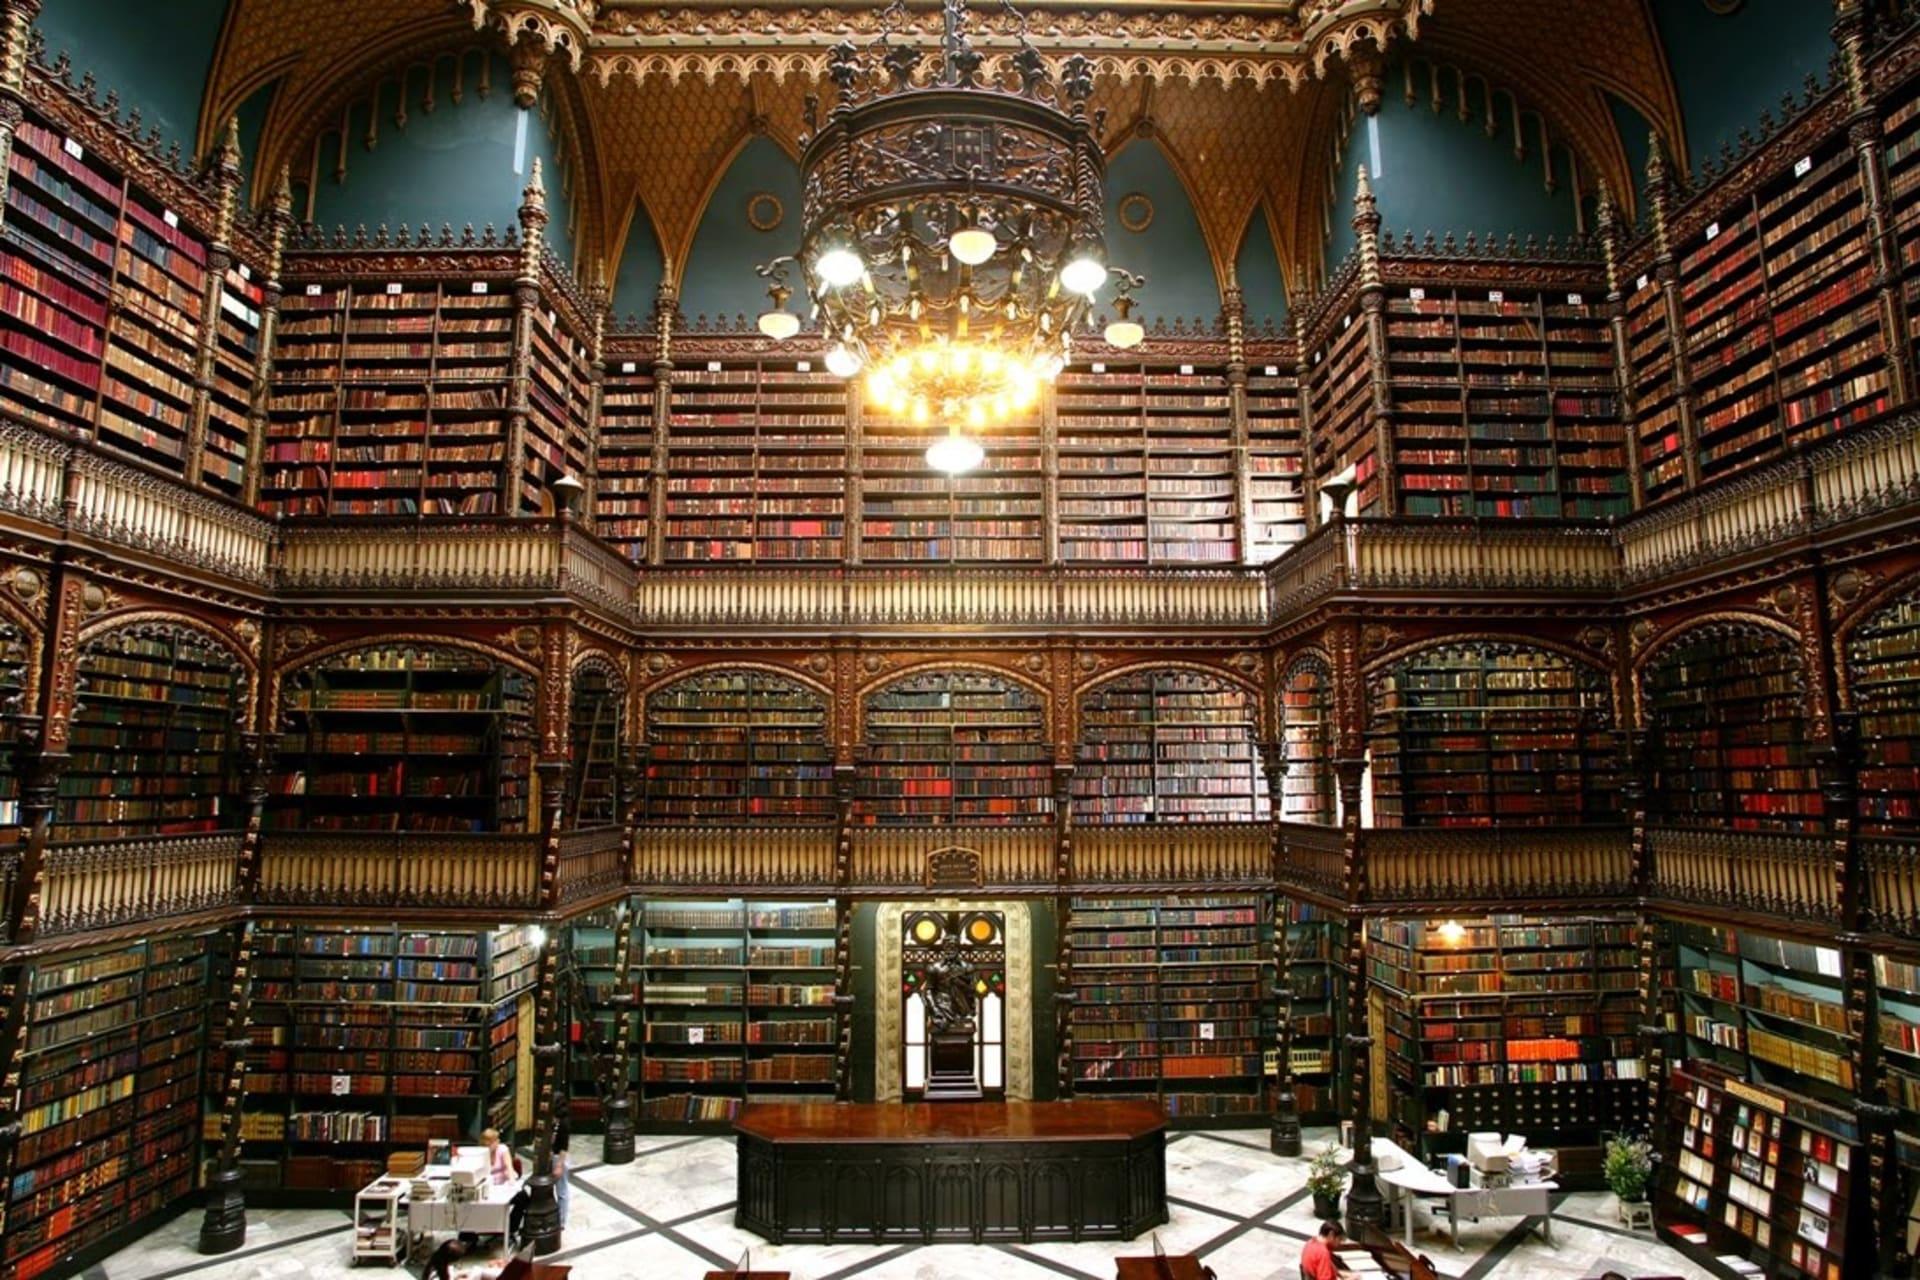 Rio de Janeiro - The Royal Portuguese Reading Room in Rio de Janeiro